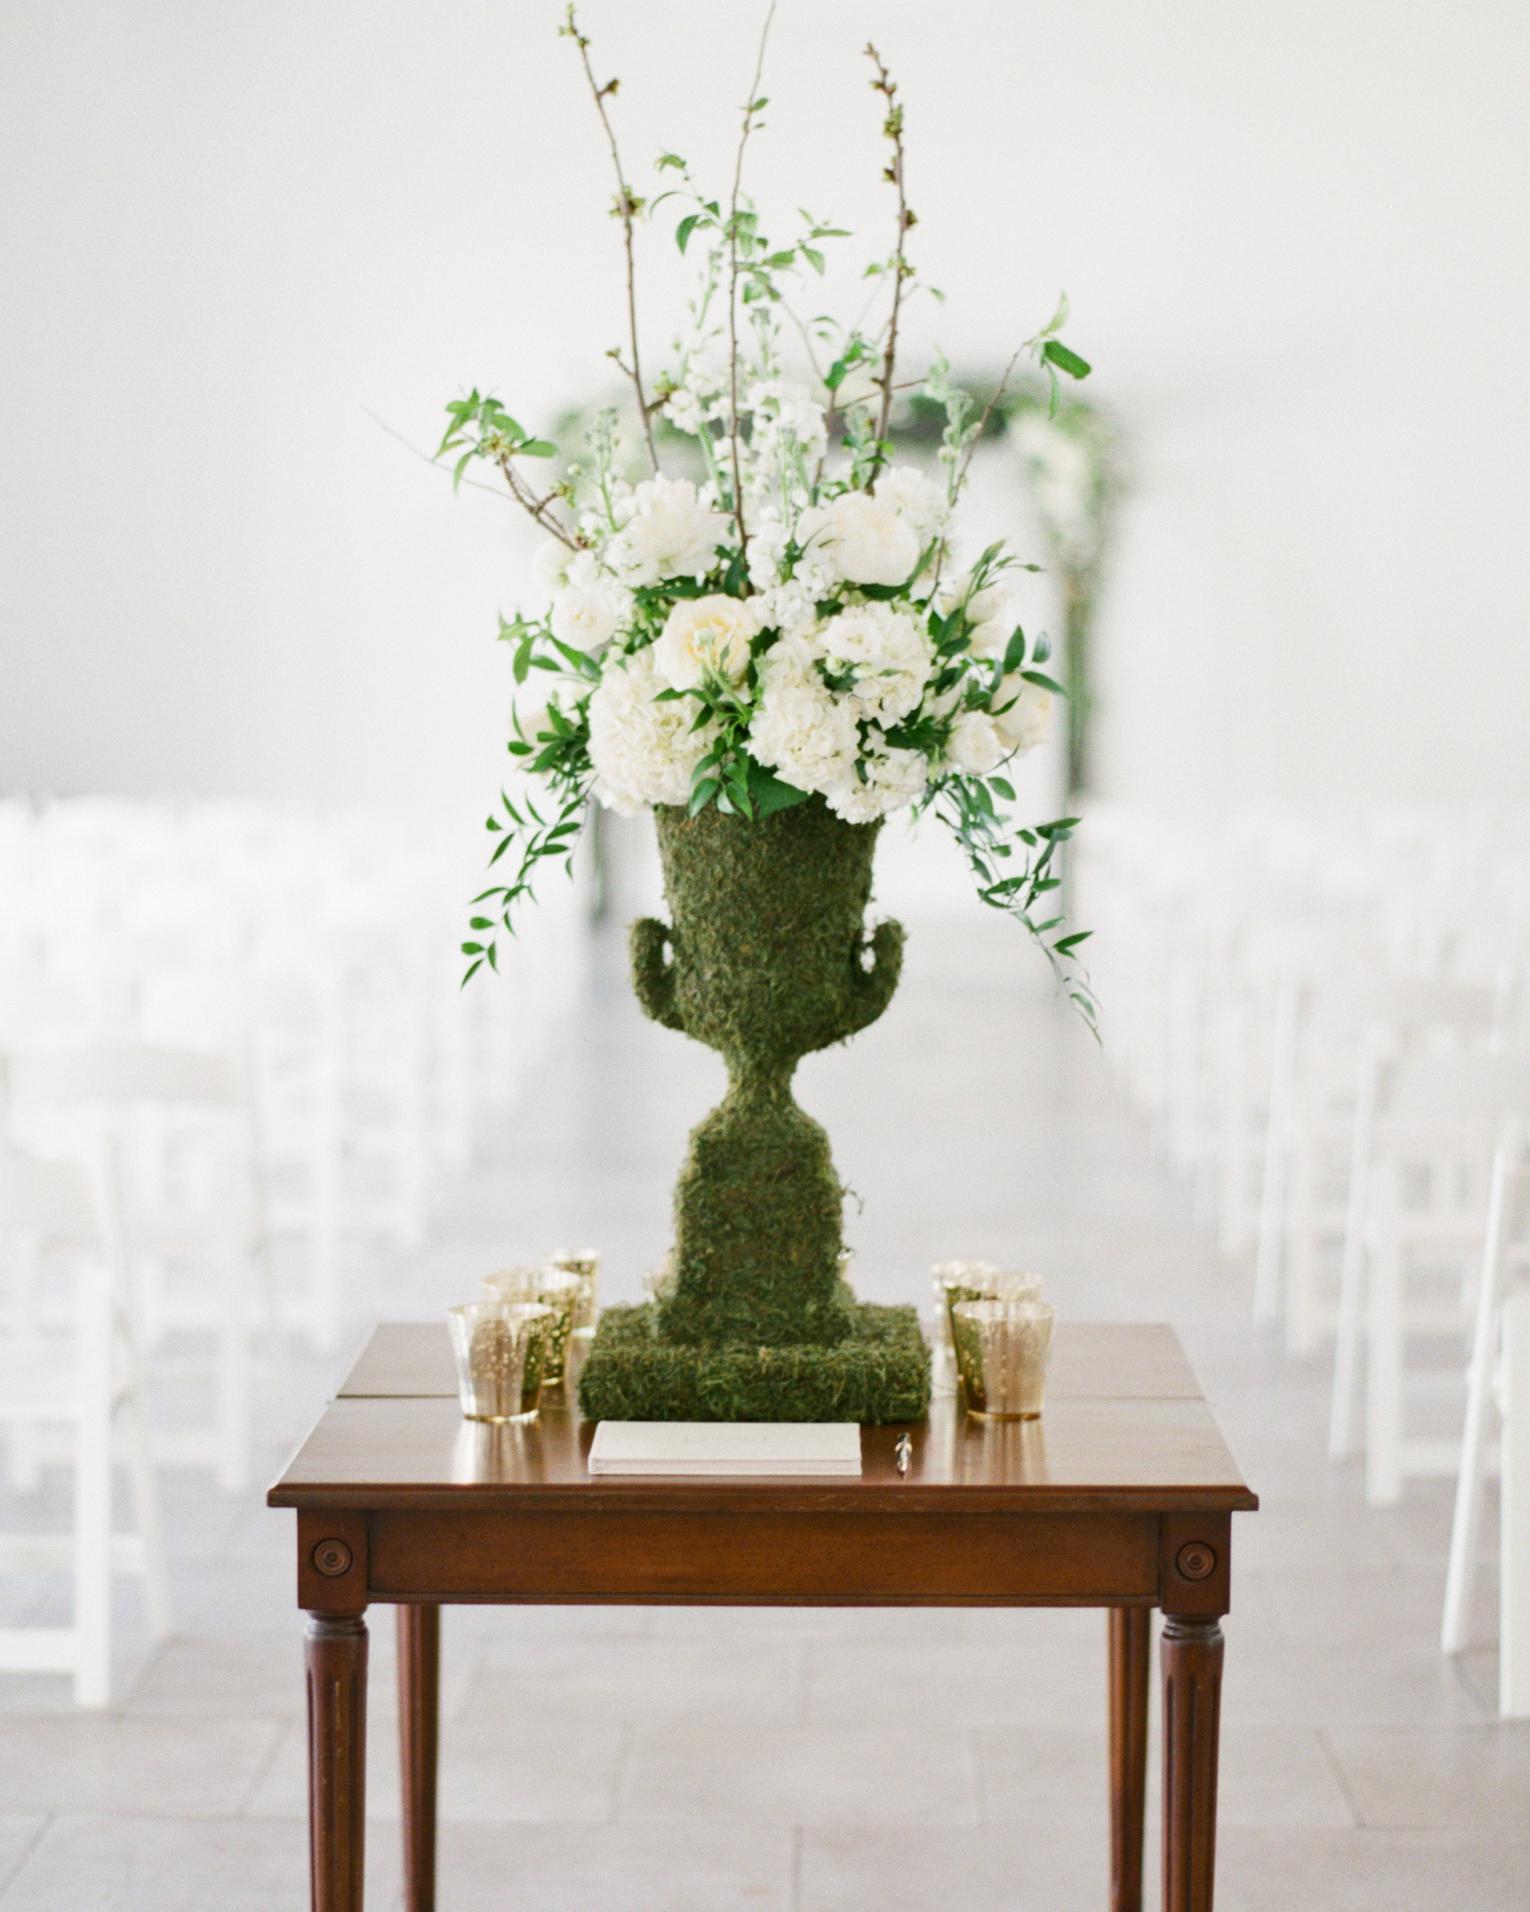 jennifer-adrien-wedding-flowers-0614.jpg